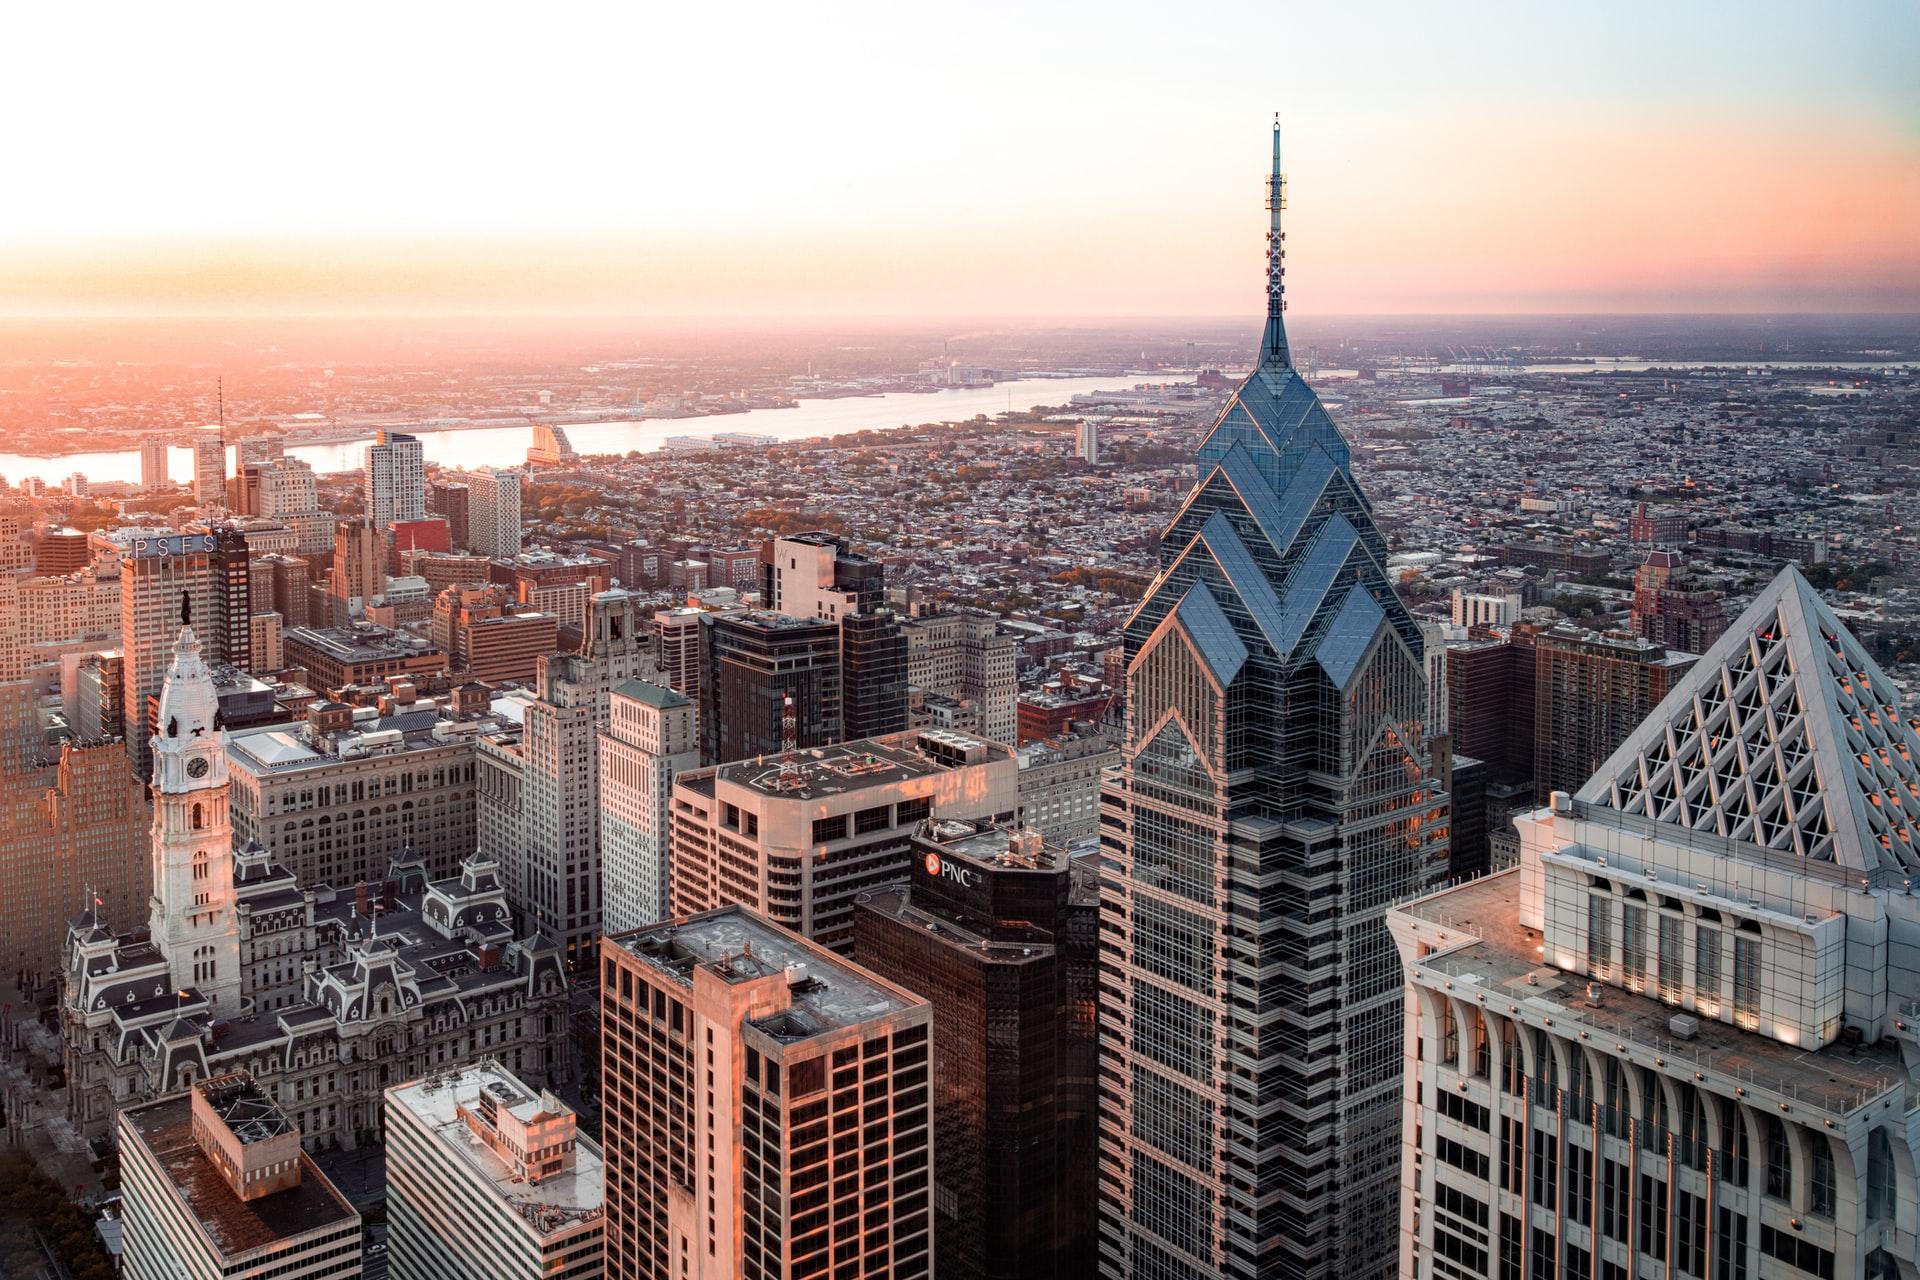 Philadelphia skyline from above.